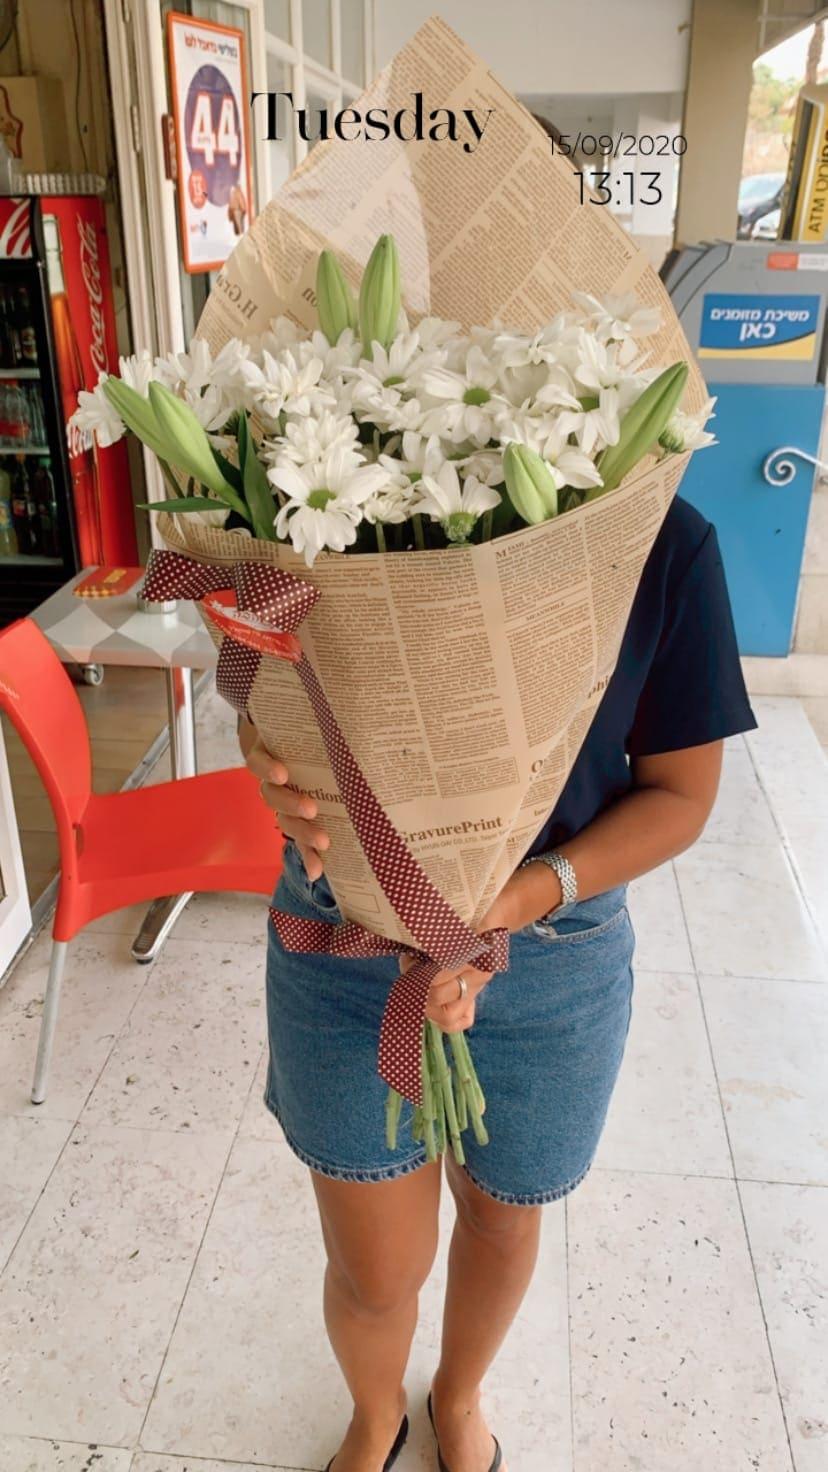 חרצית ושושן צחור בנייר עיתון - פרח באהבה - אילת